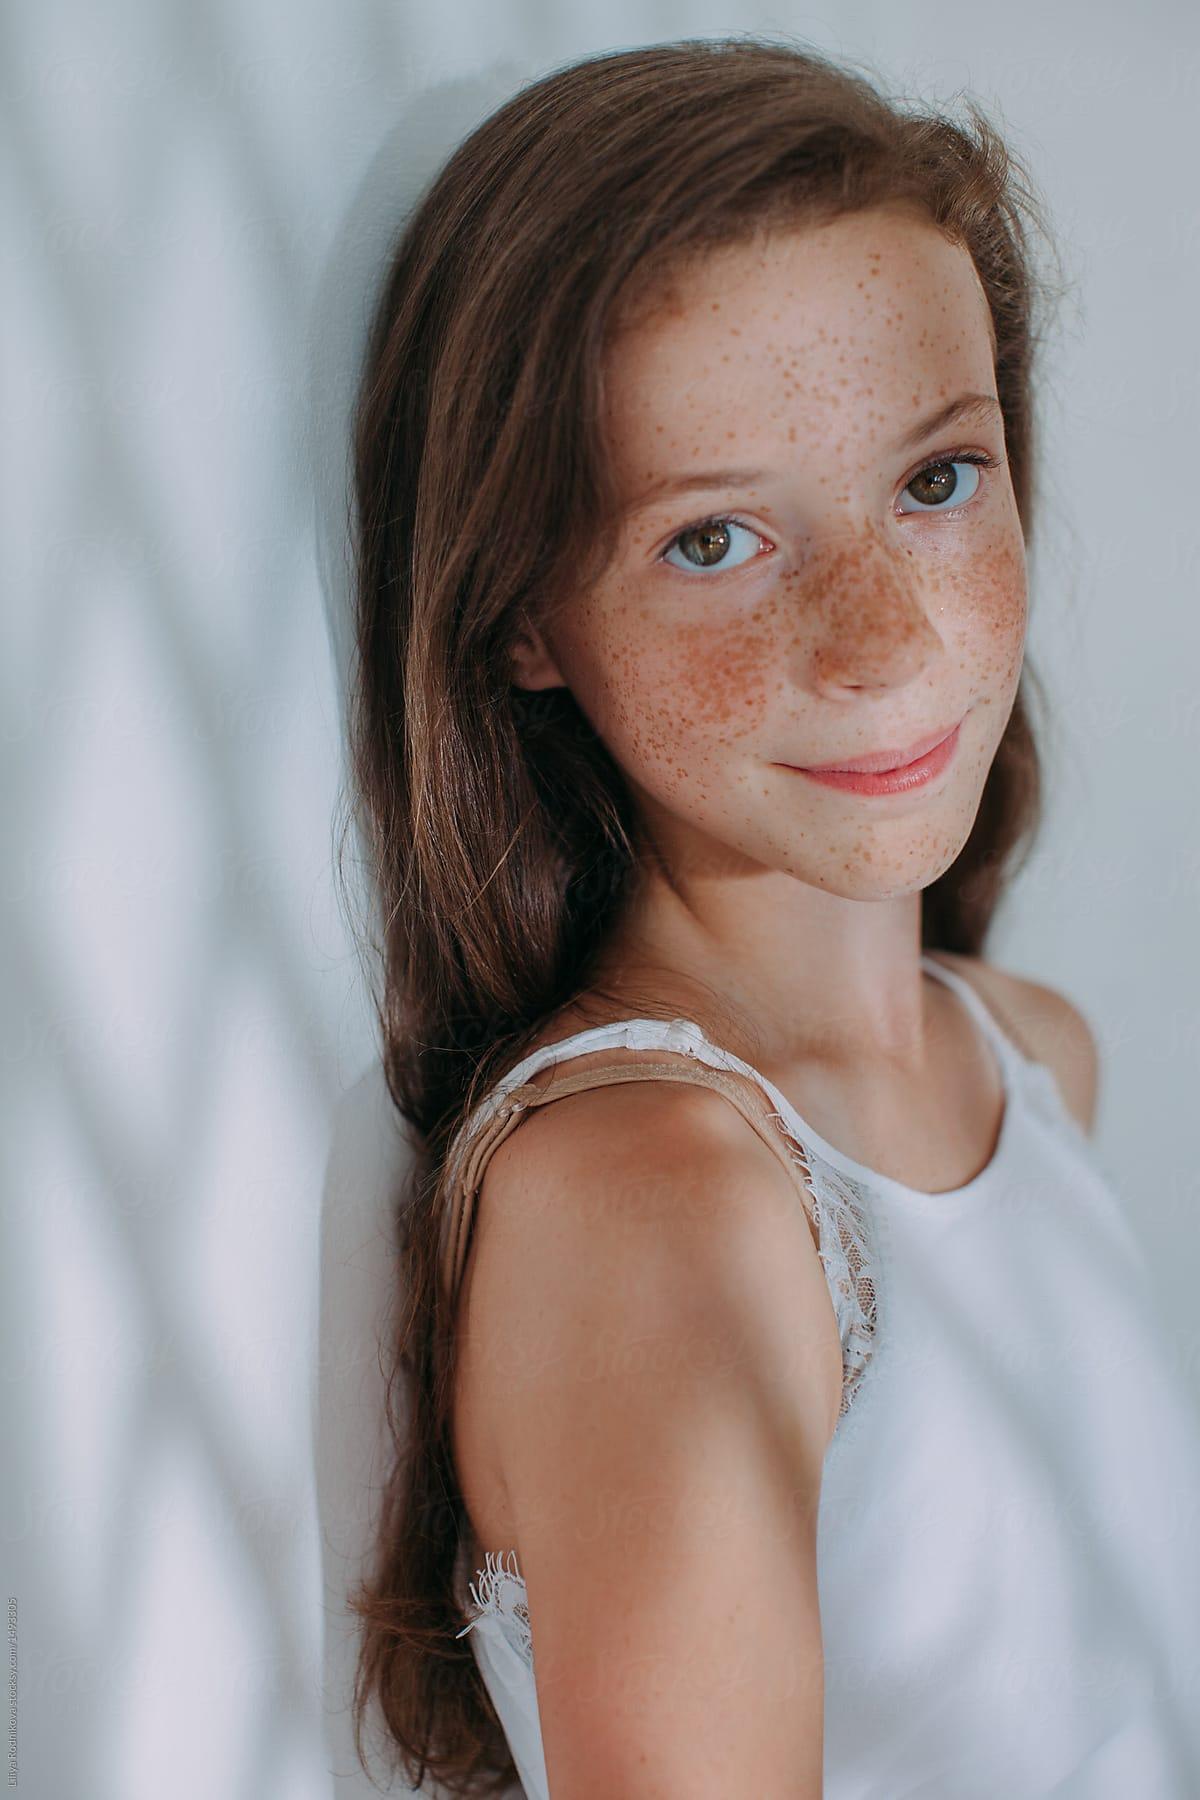 Adorable girl foto 92